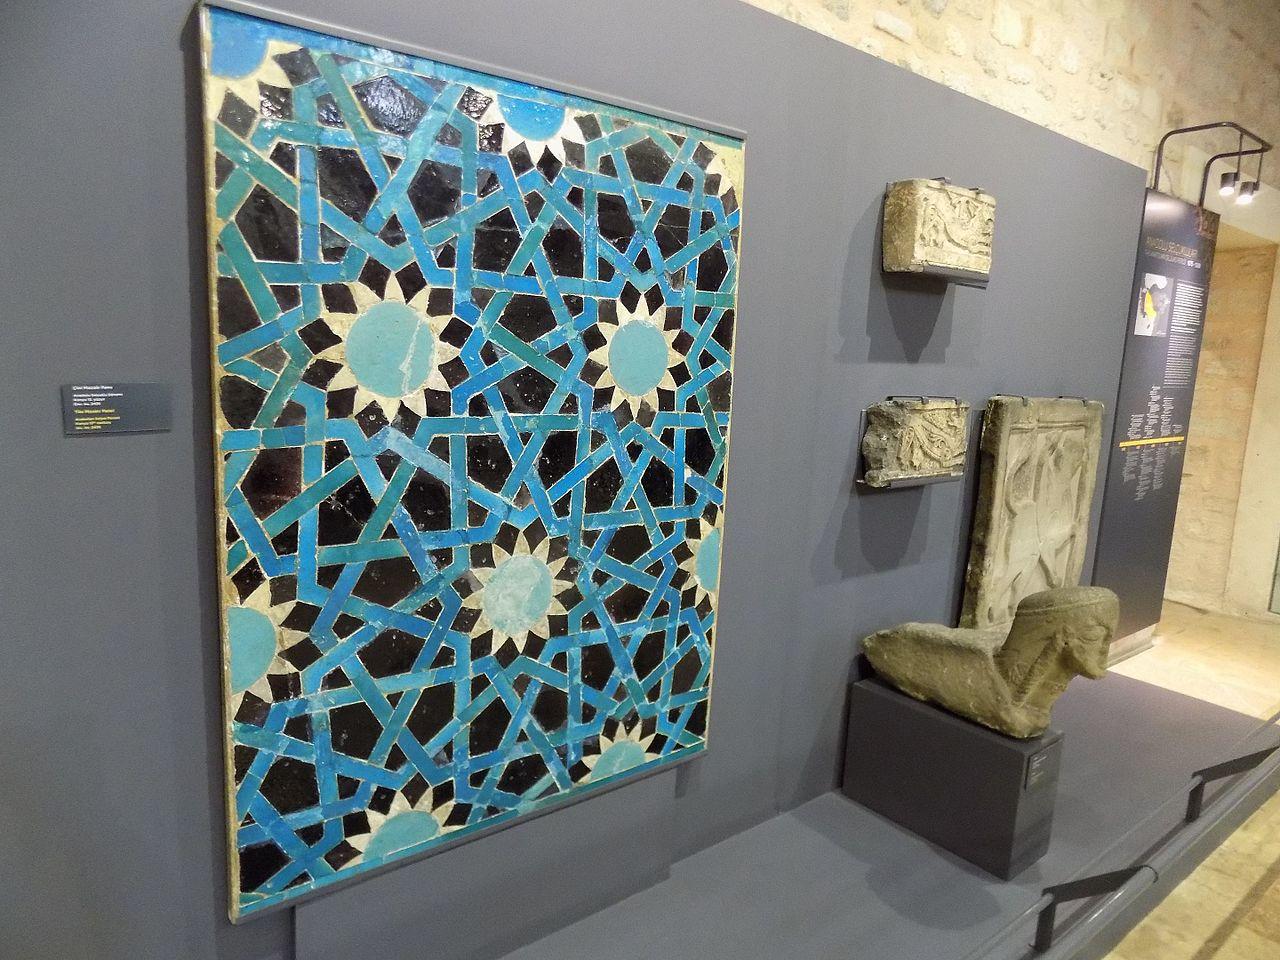 Музей турецкого и исламского искусства, экспозиция